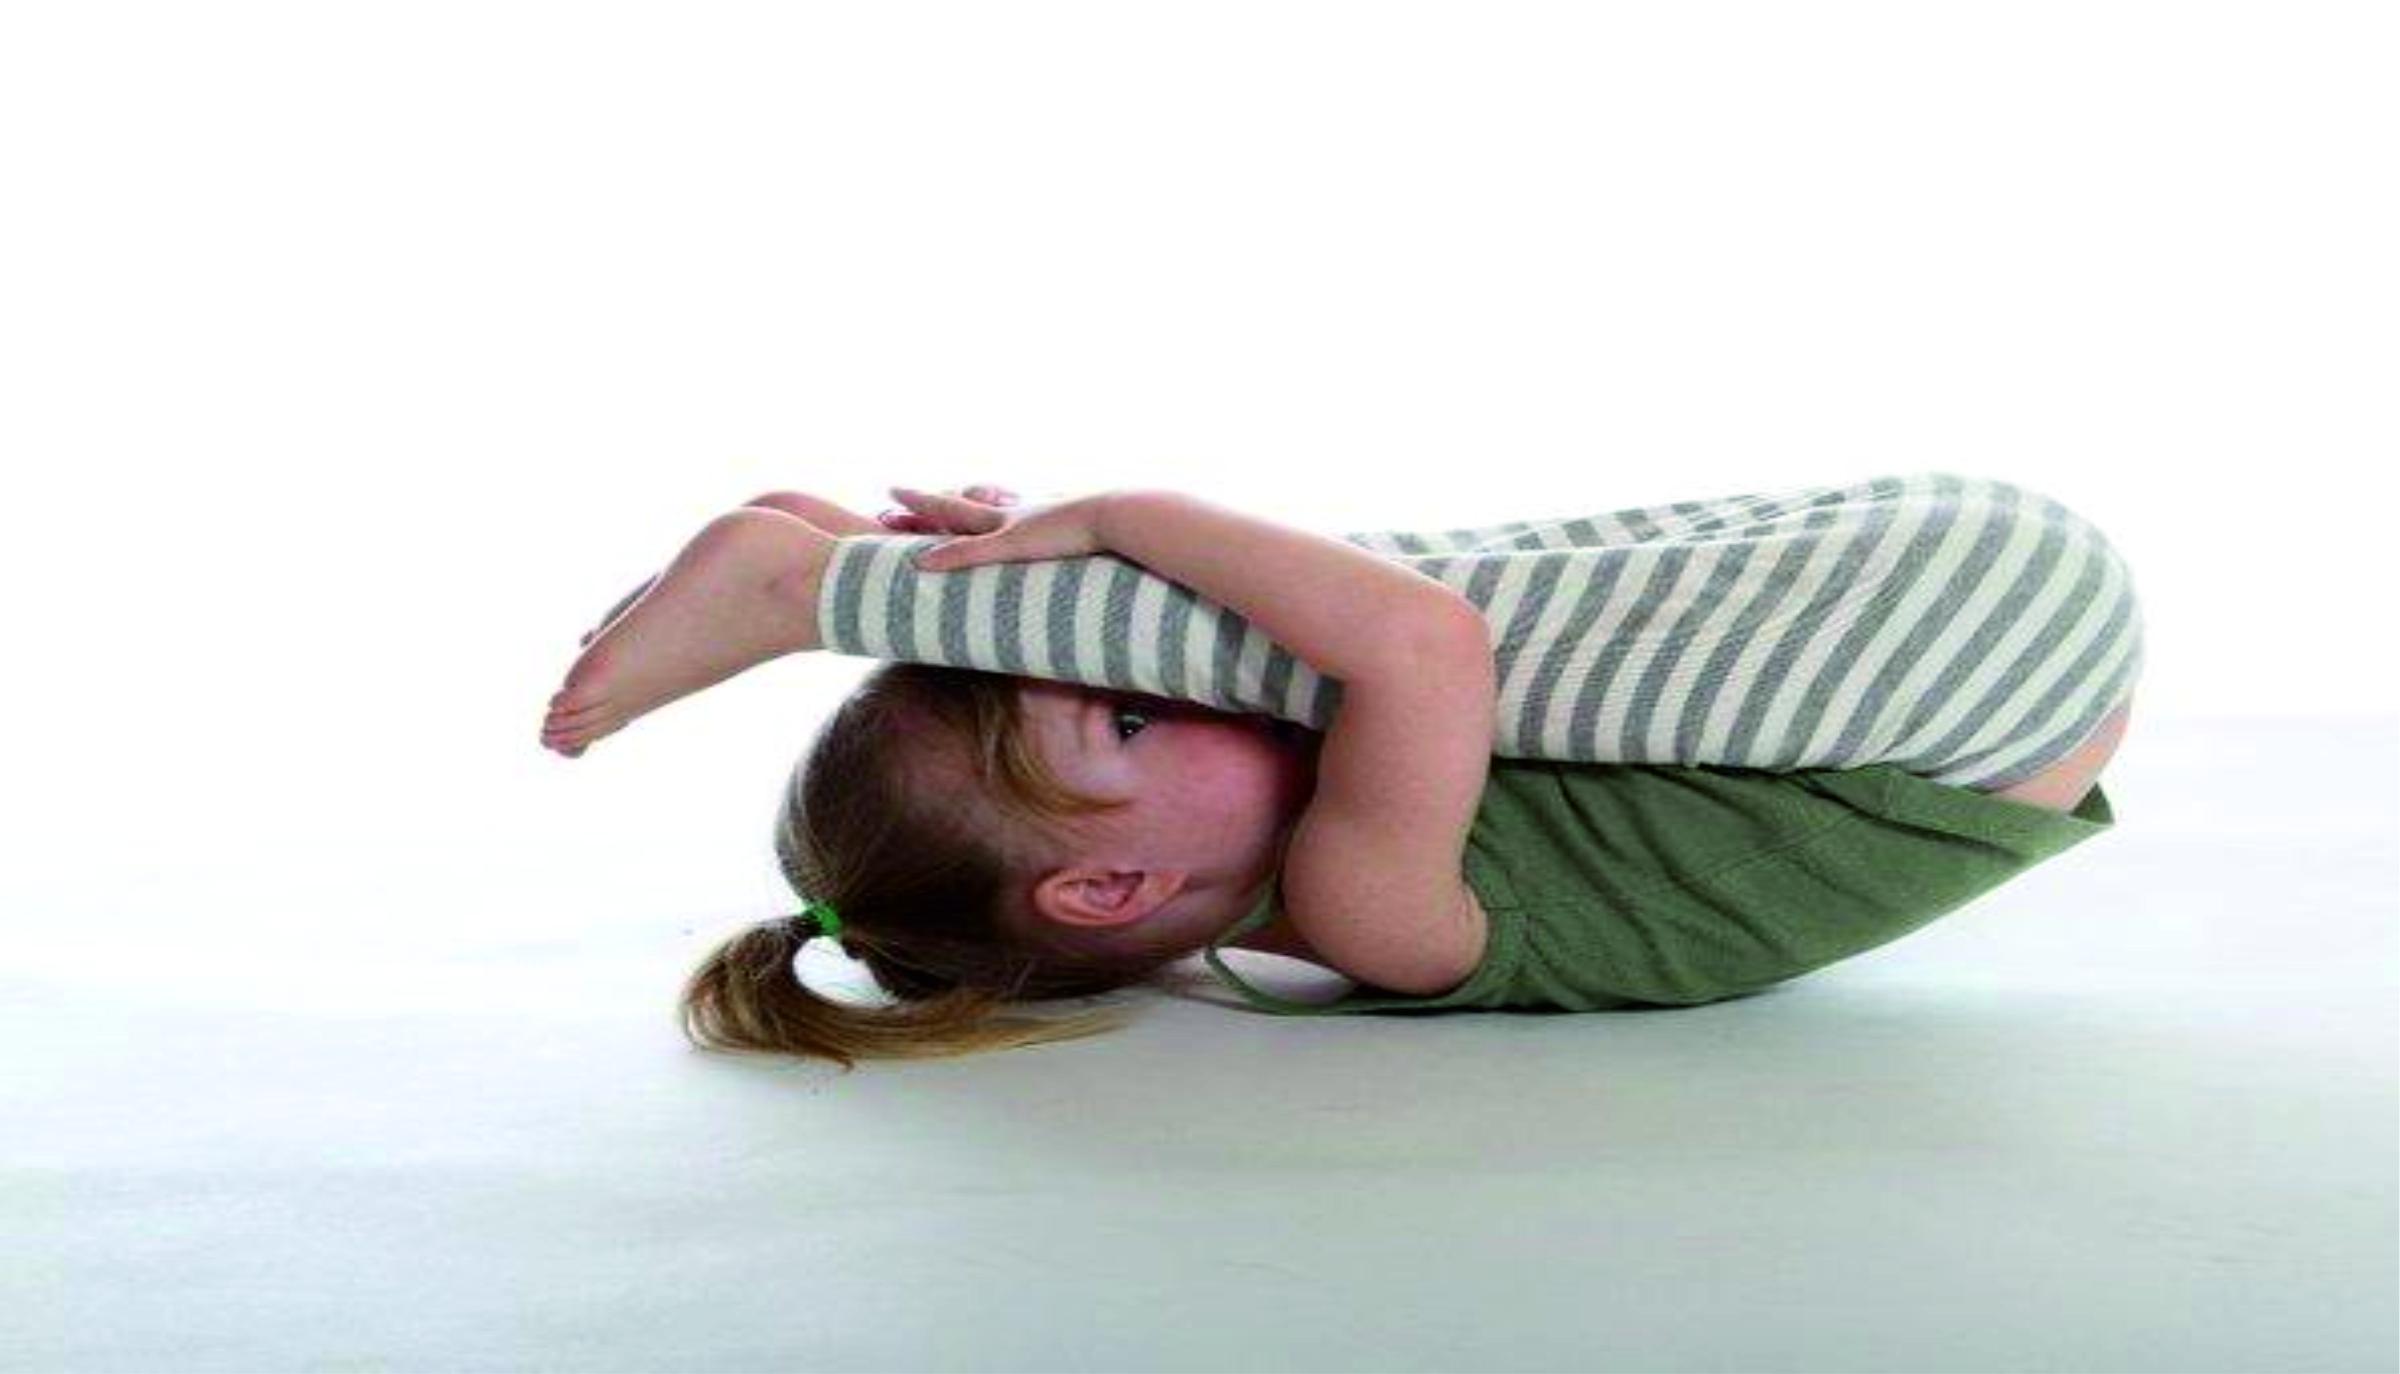 essere-free-yoga-gratuito-benessere-per-tutti-bambini-village-citta-alassio-estate-lucia-ragazzi-baby-summer-town-wellness-